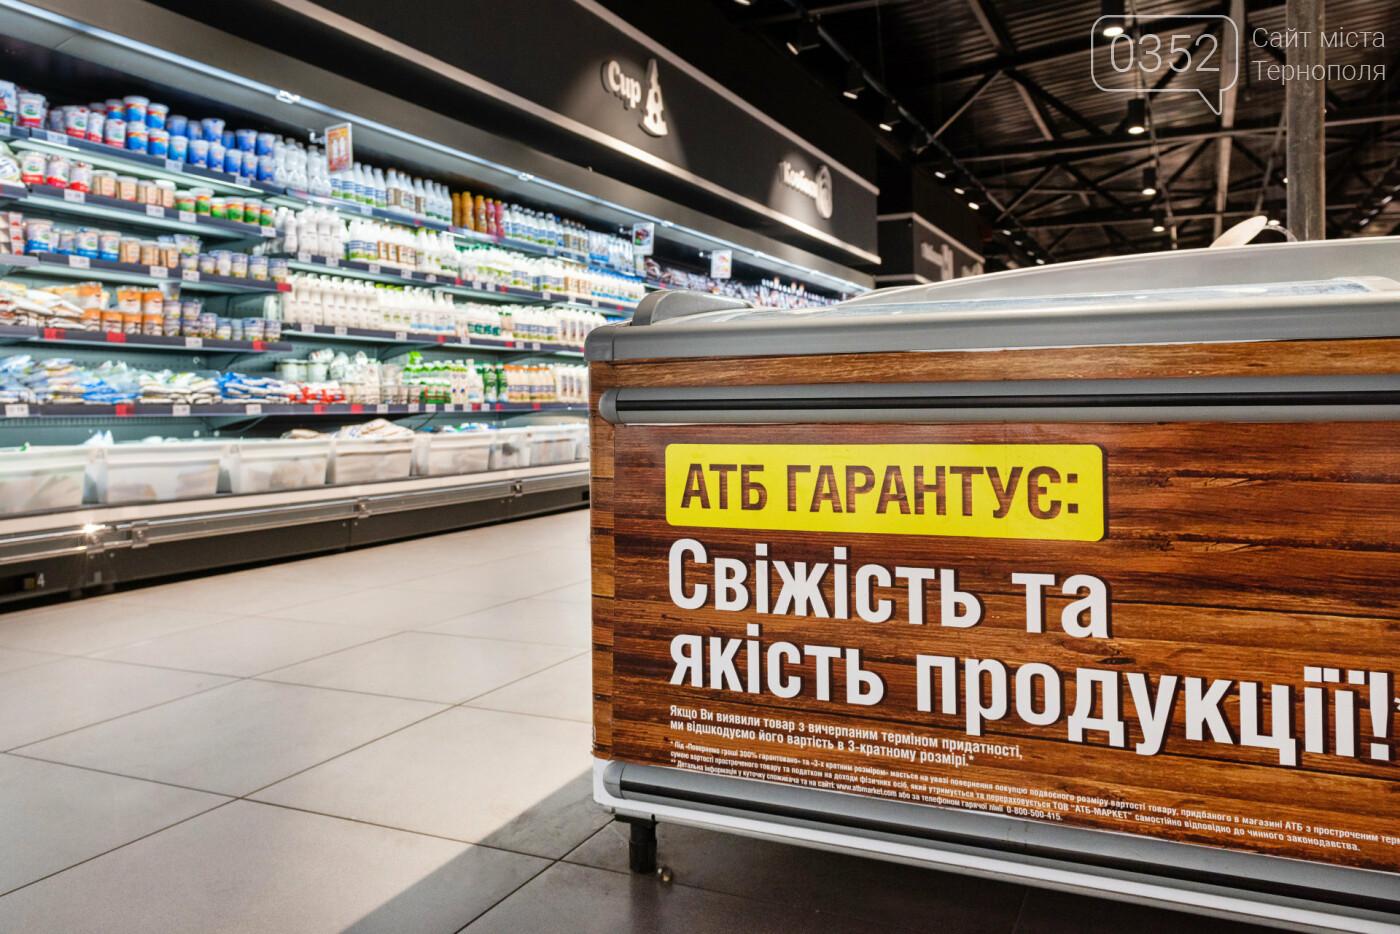 Чому за якісними та безпечними продуктами слід іти саме в «АТБ», фото-2